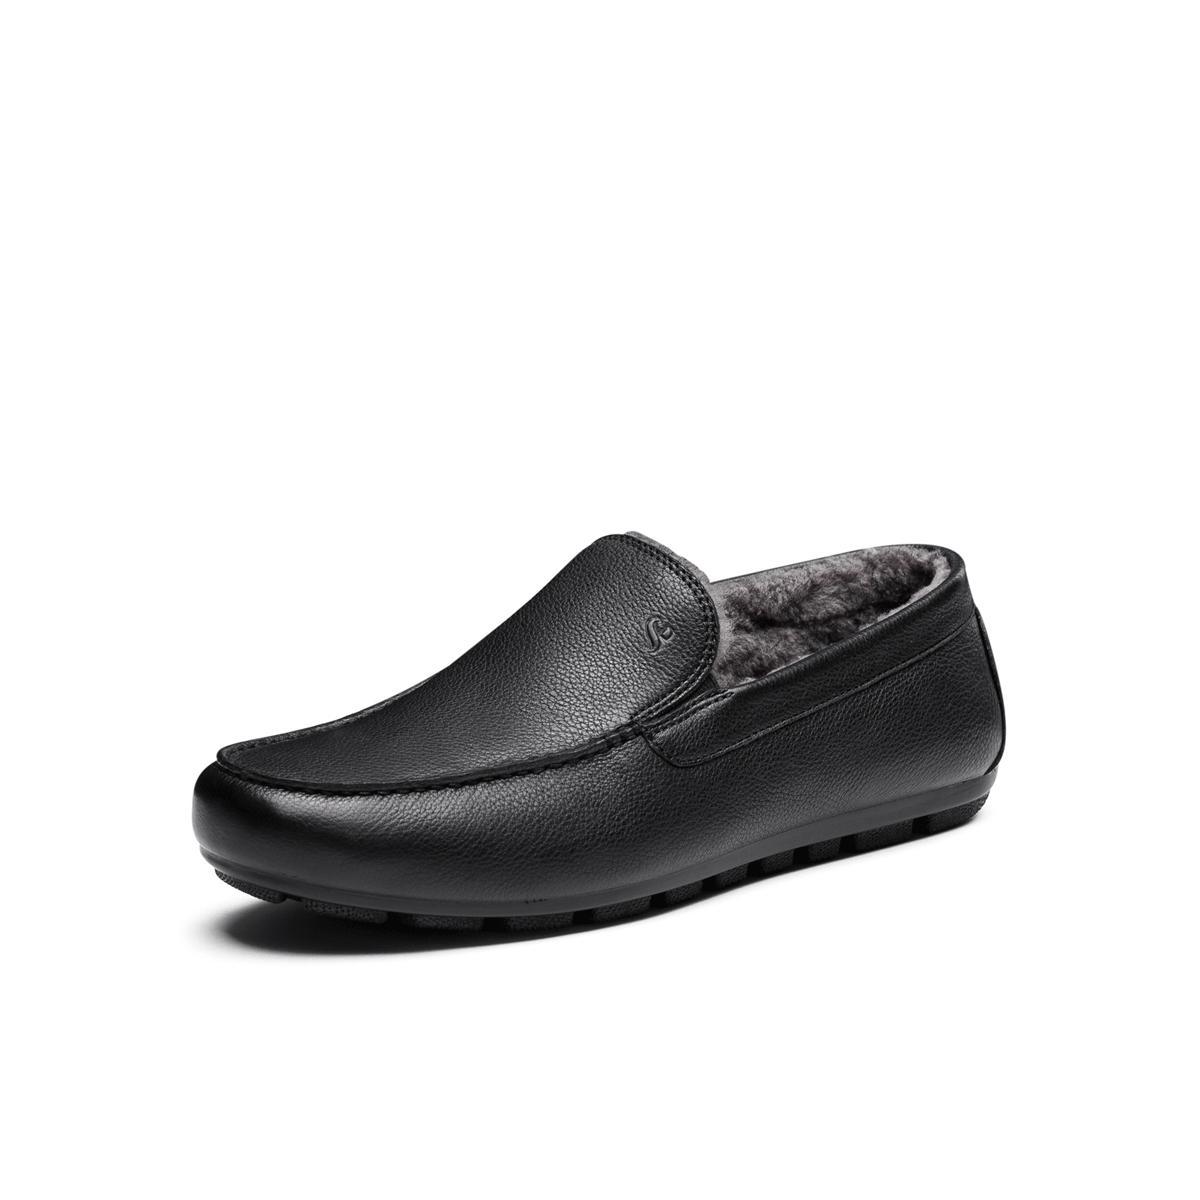 圣伽步SKAP/圣伽步牛皮商务正装时尚休闲乐福鞋男皮单鞋(绒里)1581606194